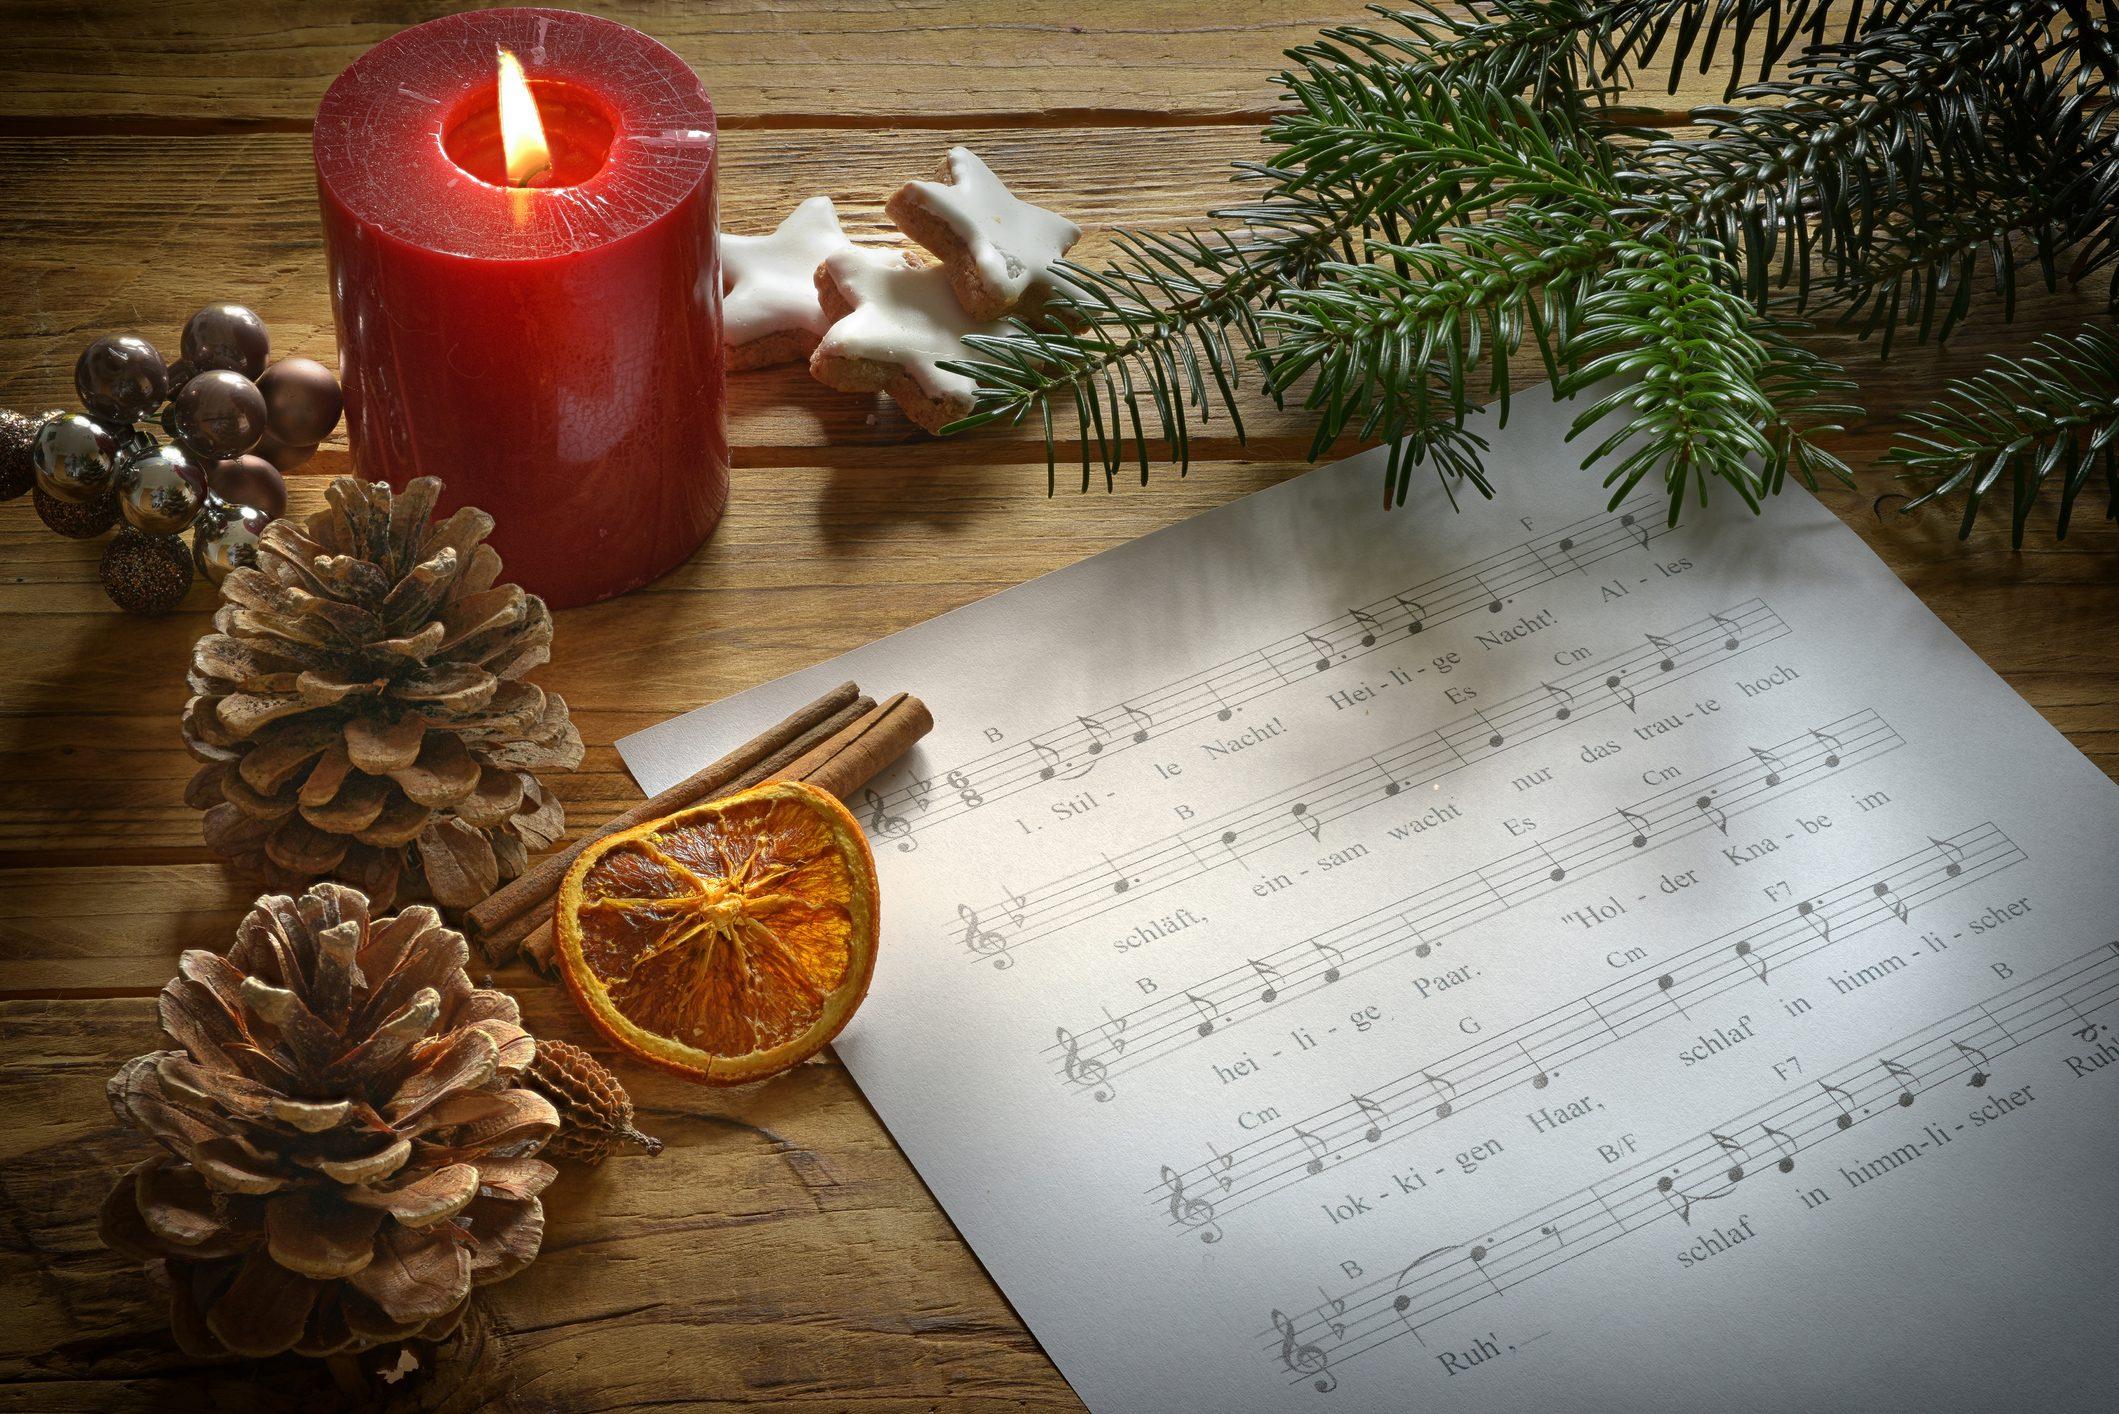 Le più belle immagini di natale per whatsapp, per fare auguri di natale sinceri e speciali. Canzoni Di Natale Le Piu Belle E Famose In Italiano E Inglese Ohga